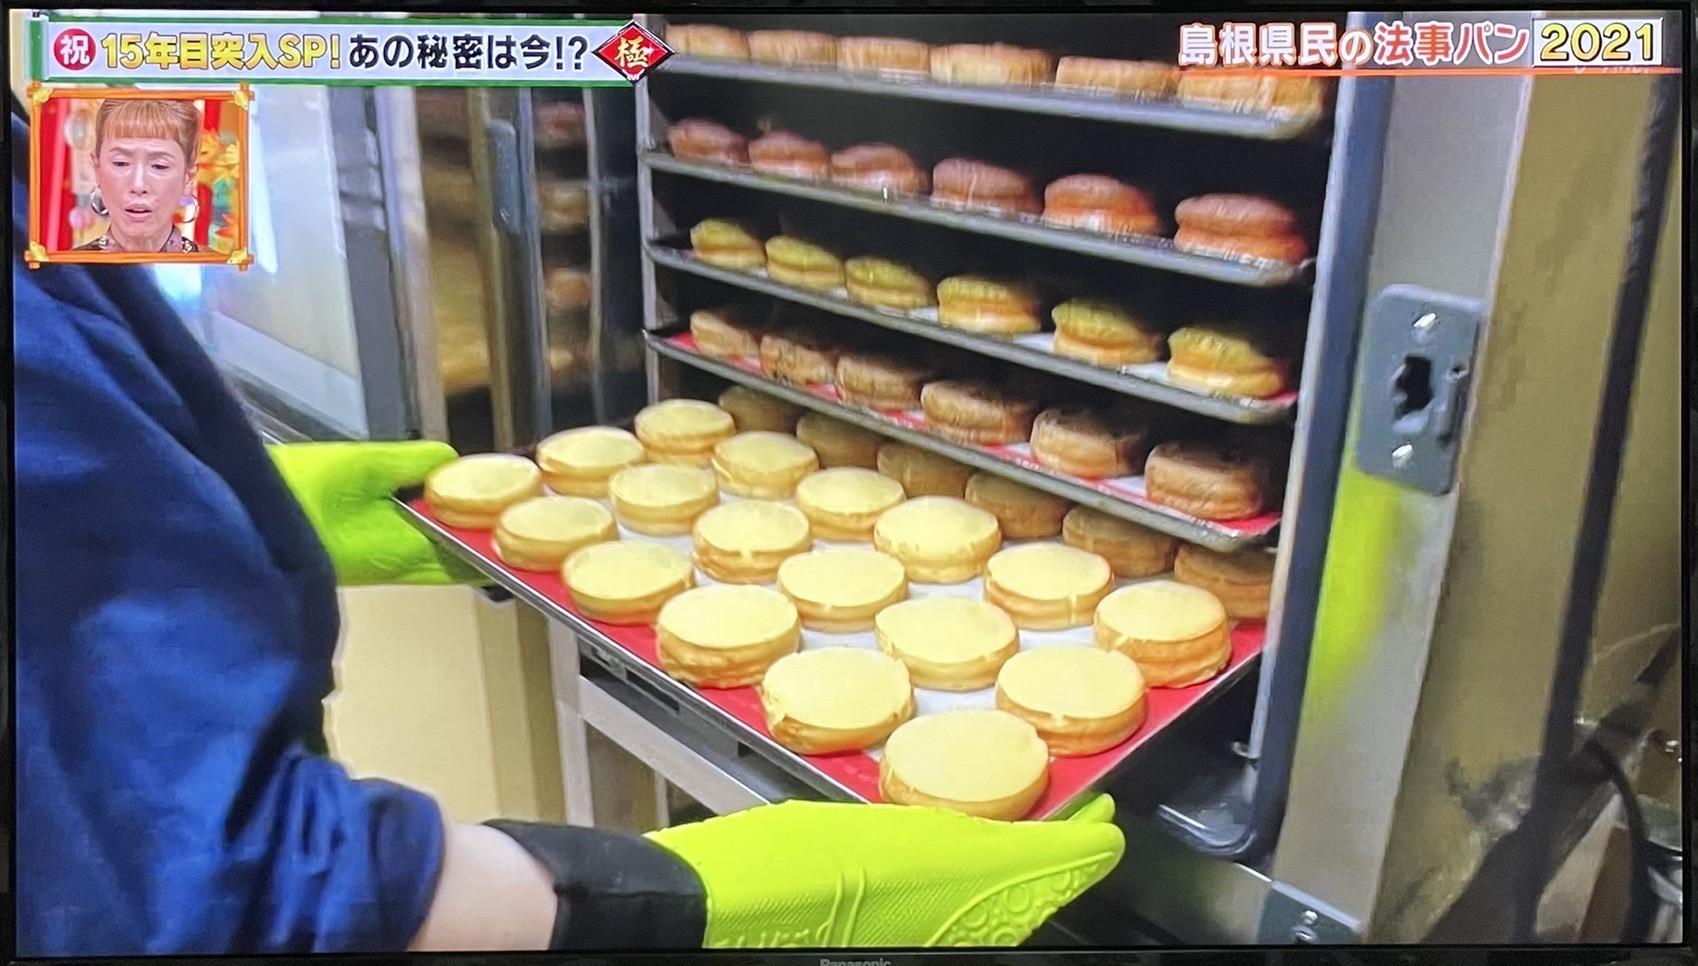 島根 法事パン 法事フレンチトースト せるくる フレンチトースト 専門店